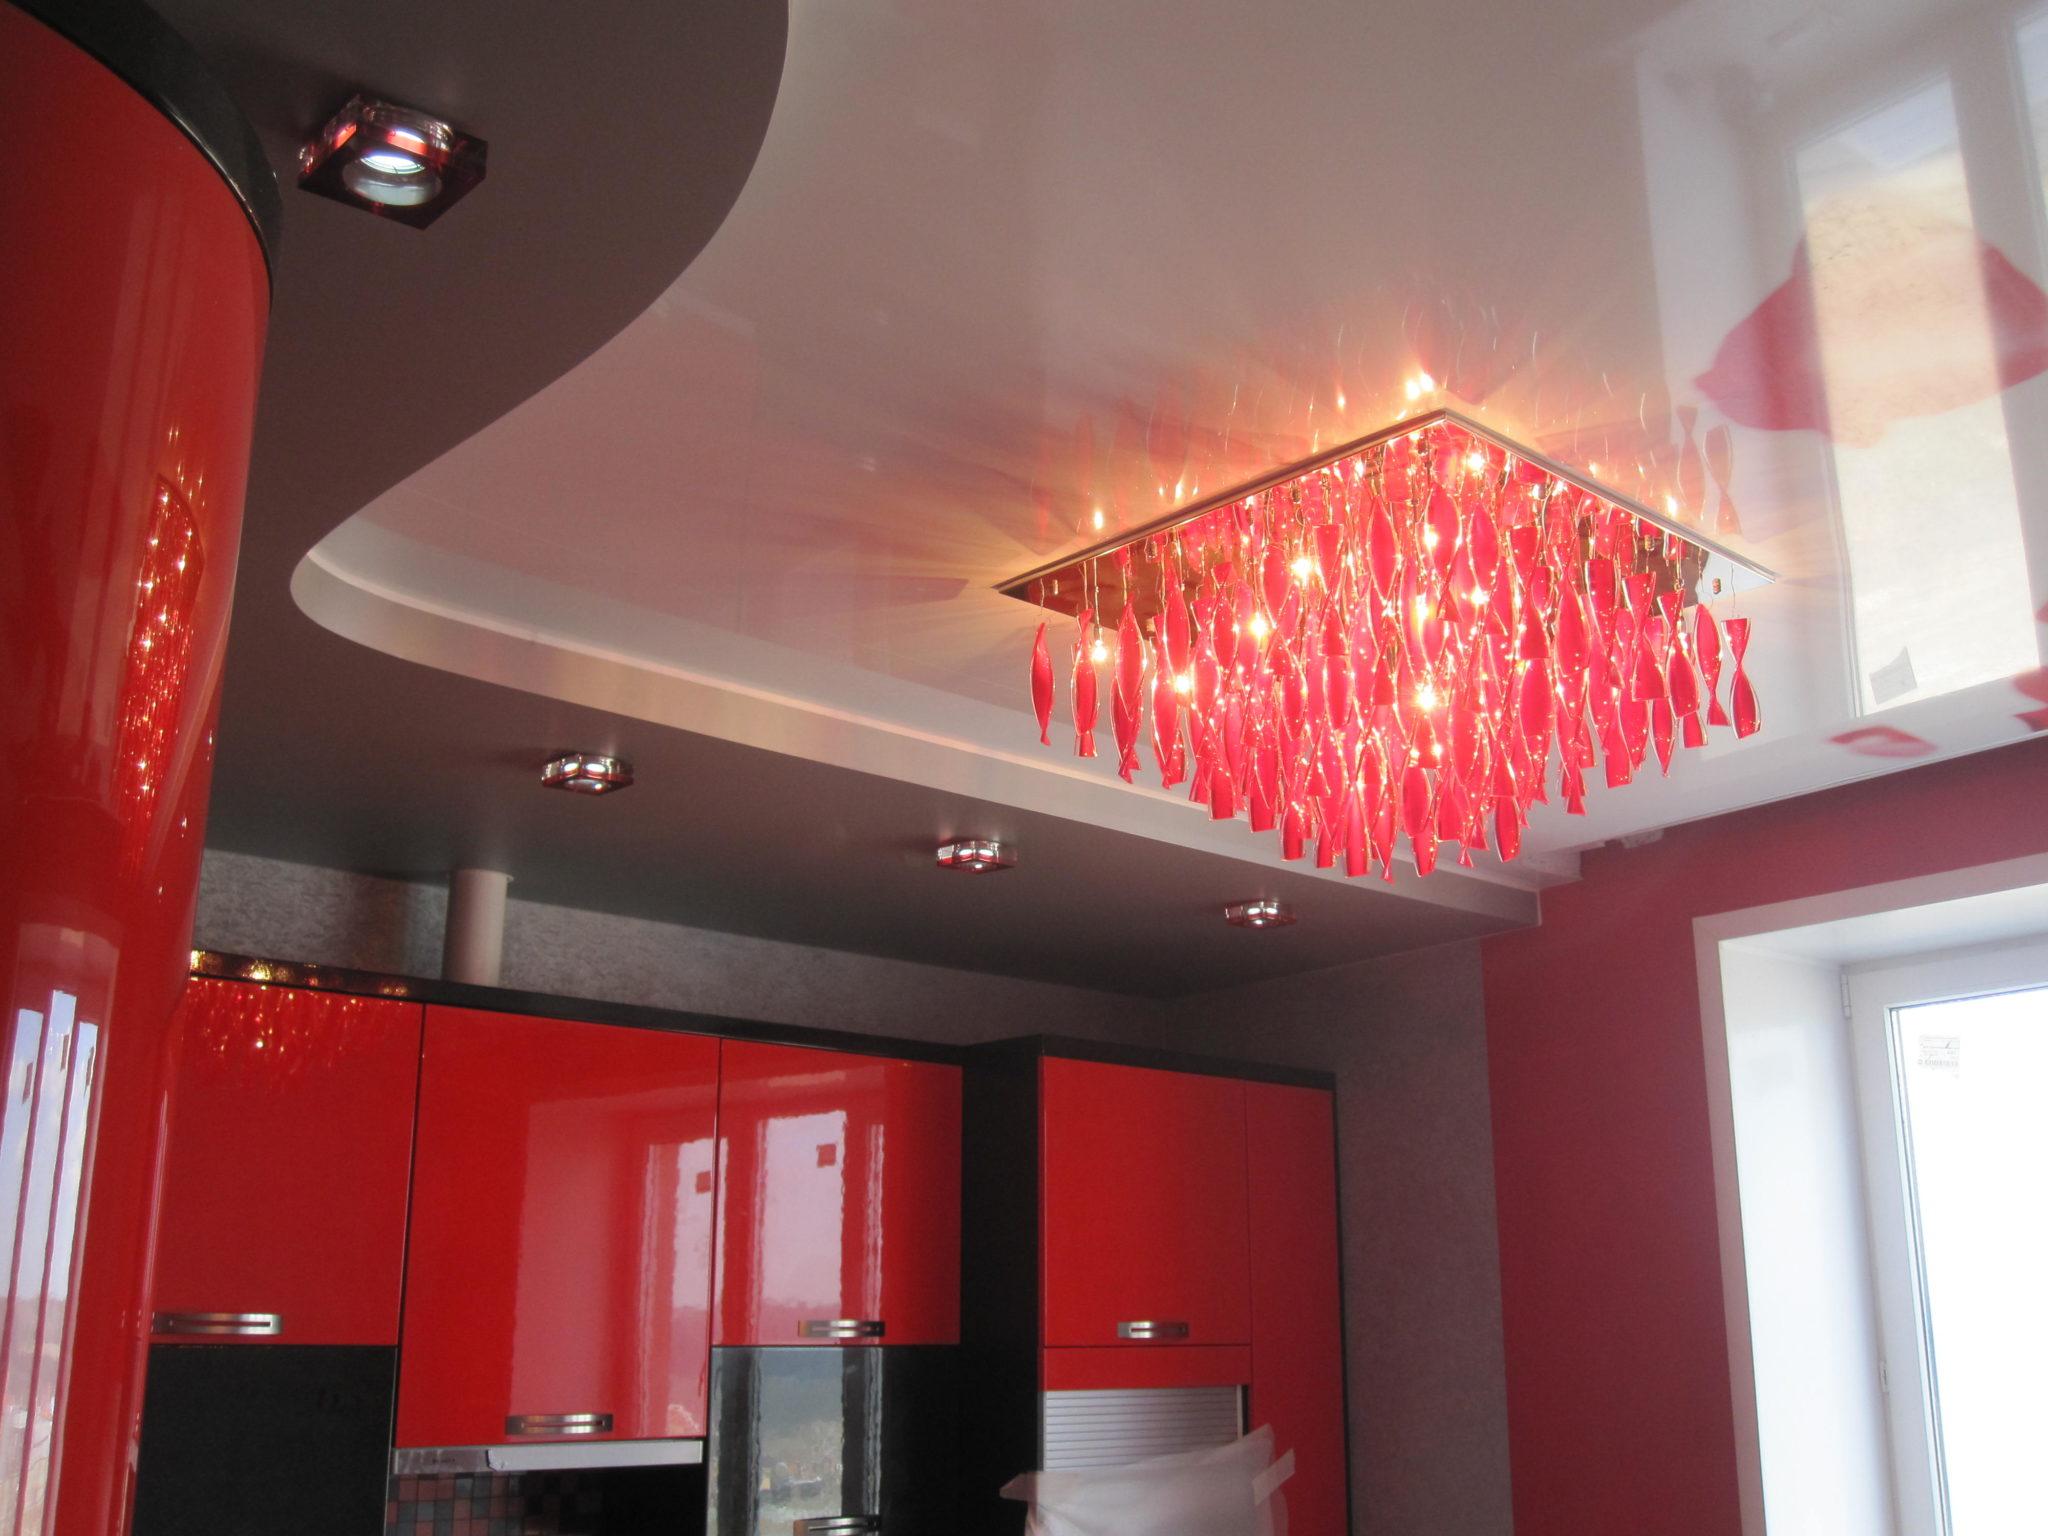 Натяжной потолок - популярный вариант отделки потолочной поверхности